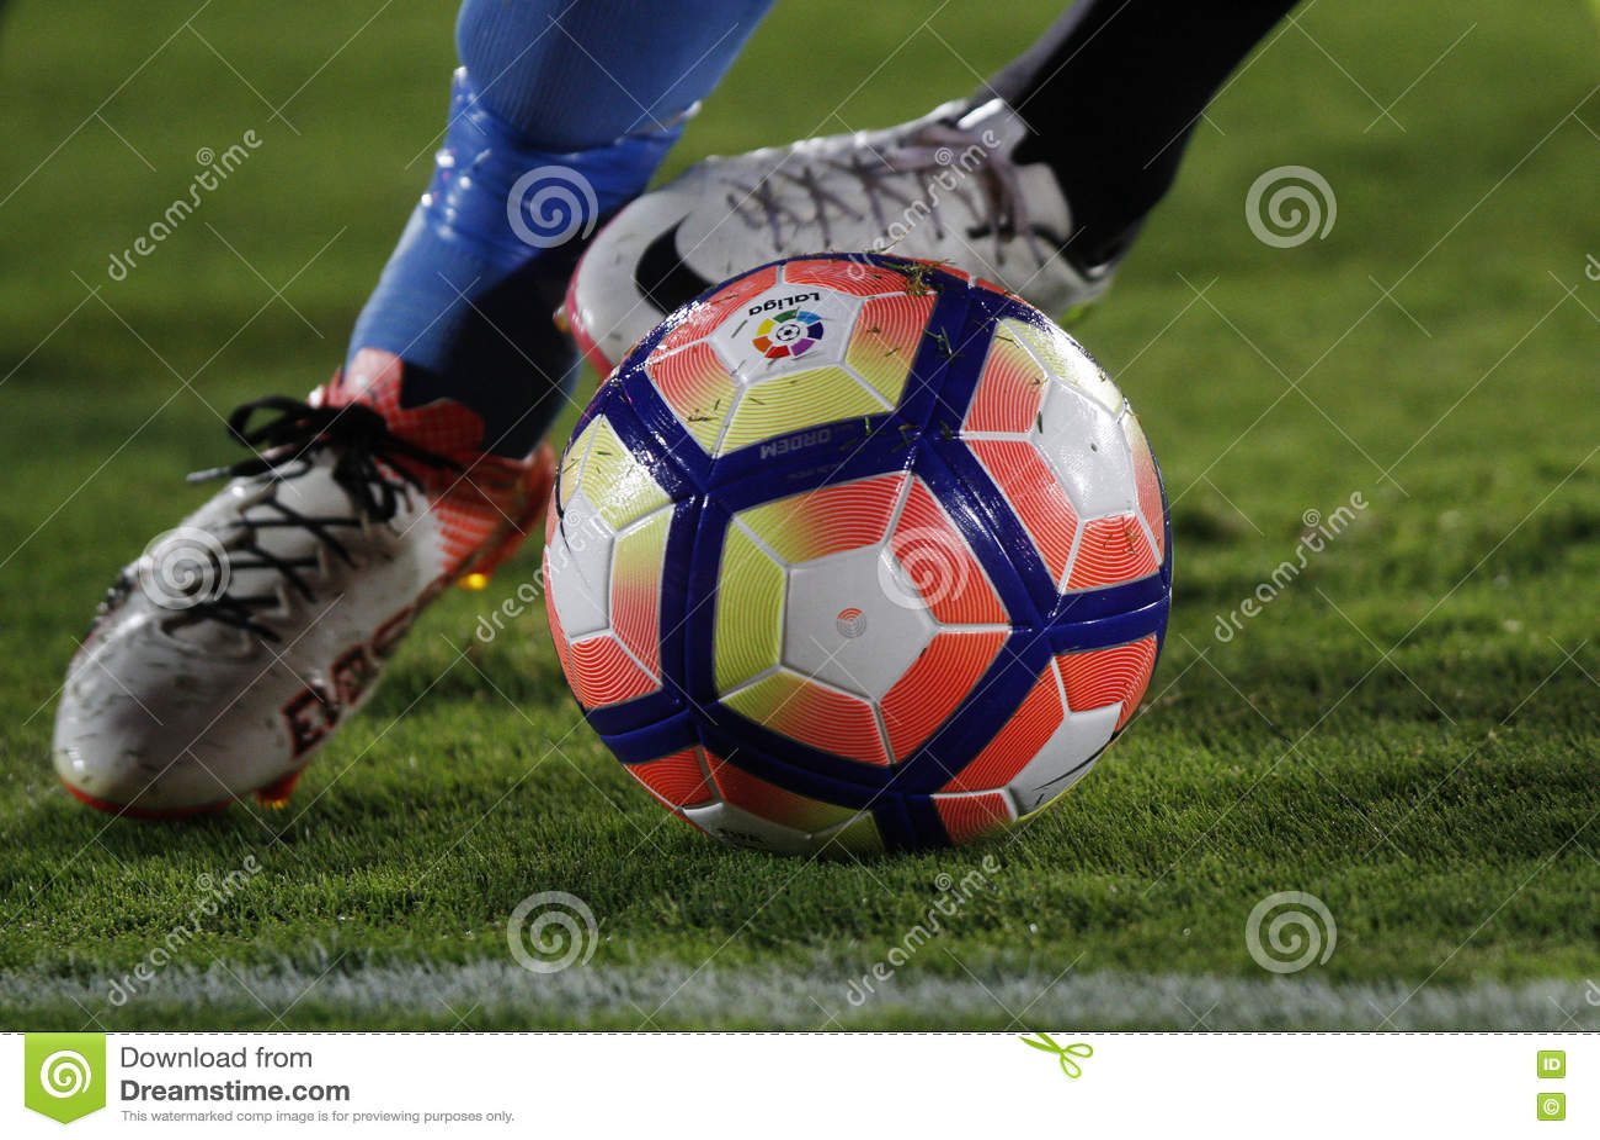 Detalhe dos pés de um jogador de futebol que corre com a bola